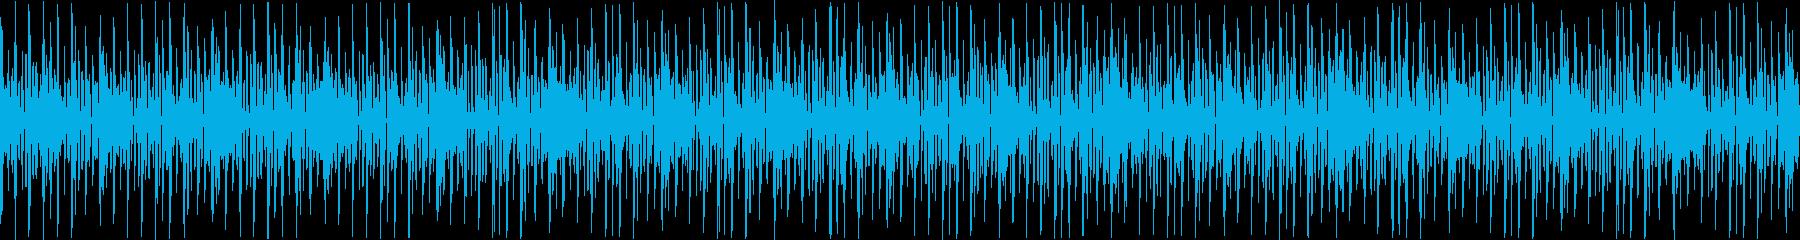 シンプルなテクノ風のシンキングタイムの再生済みの波形